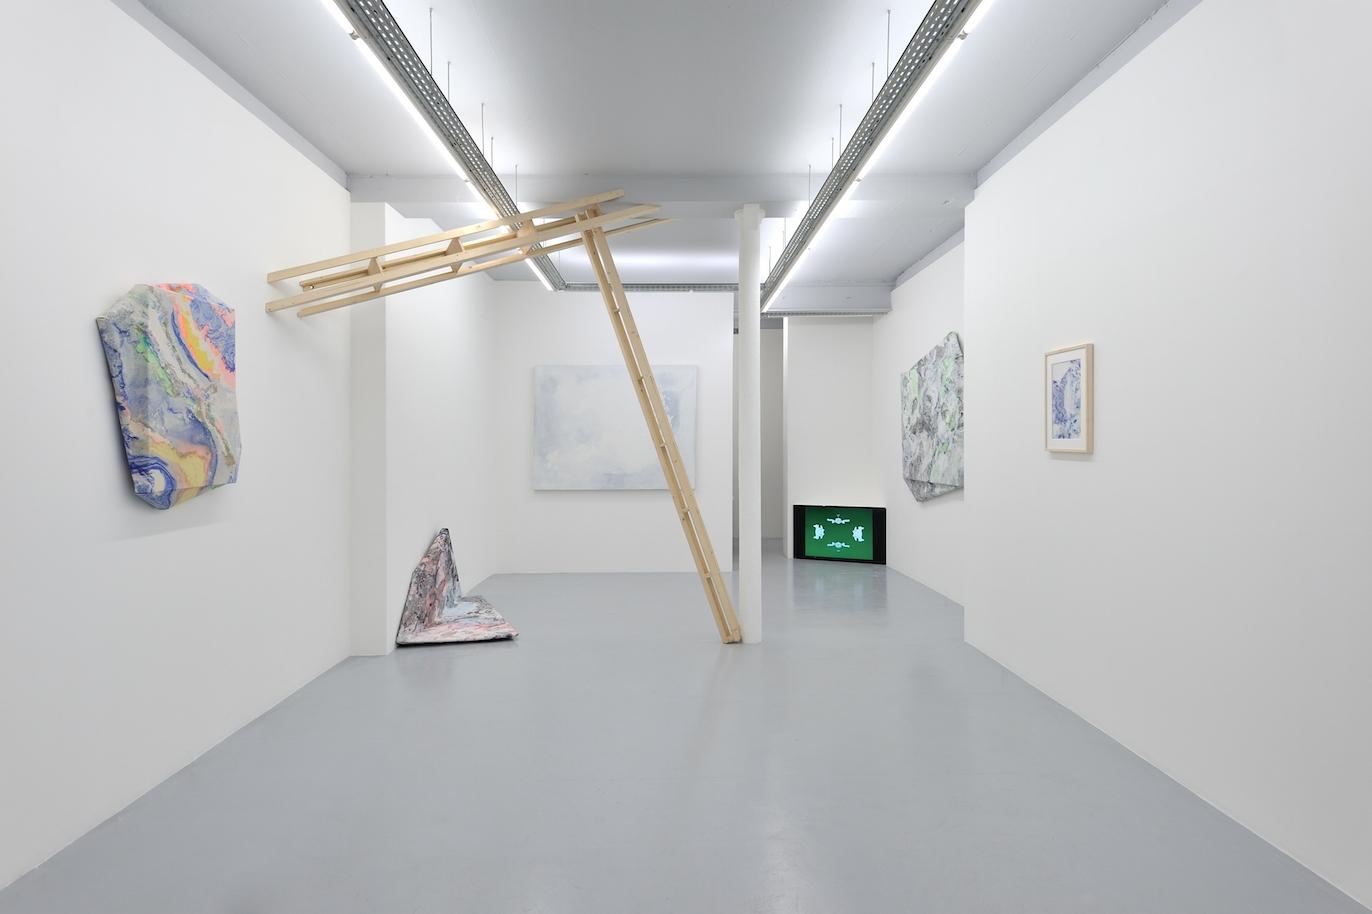 Valentin Dommanget, courtesy galerie Olivier Robert